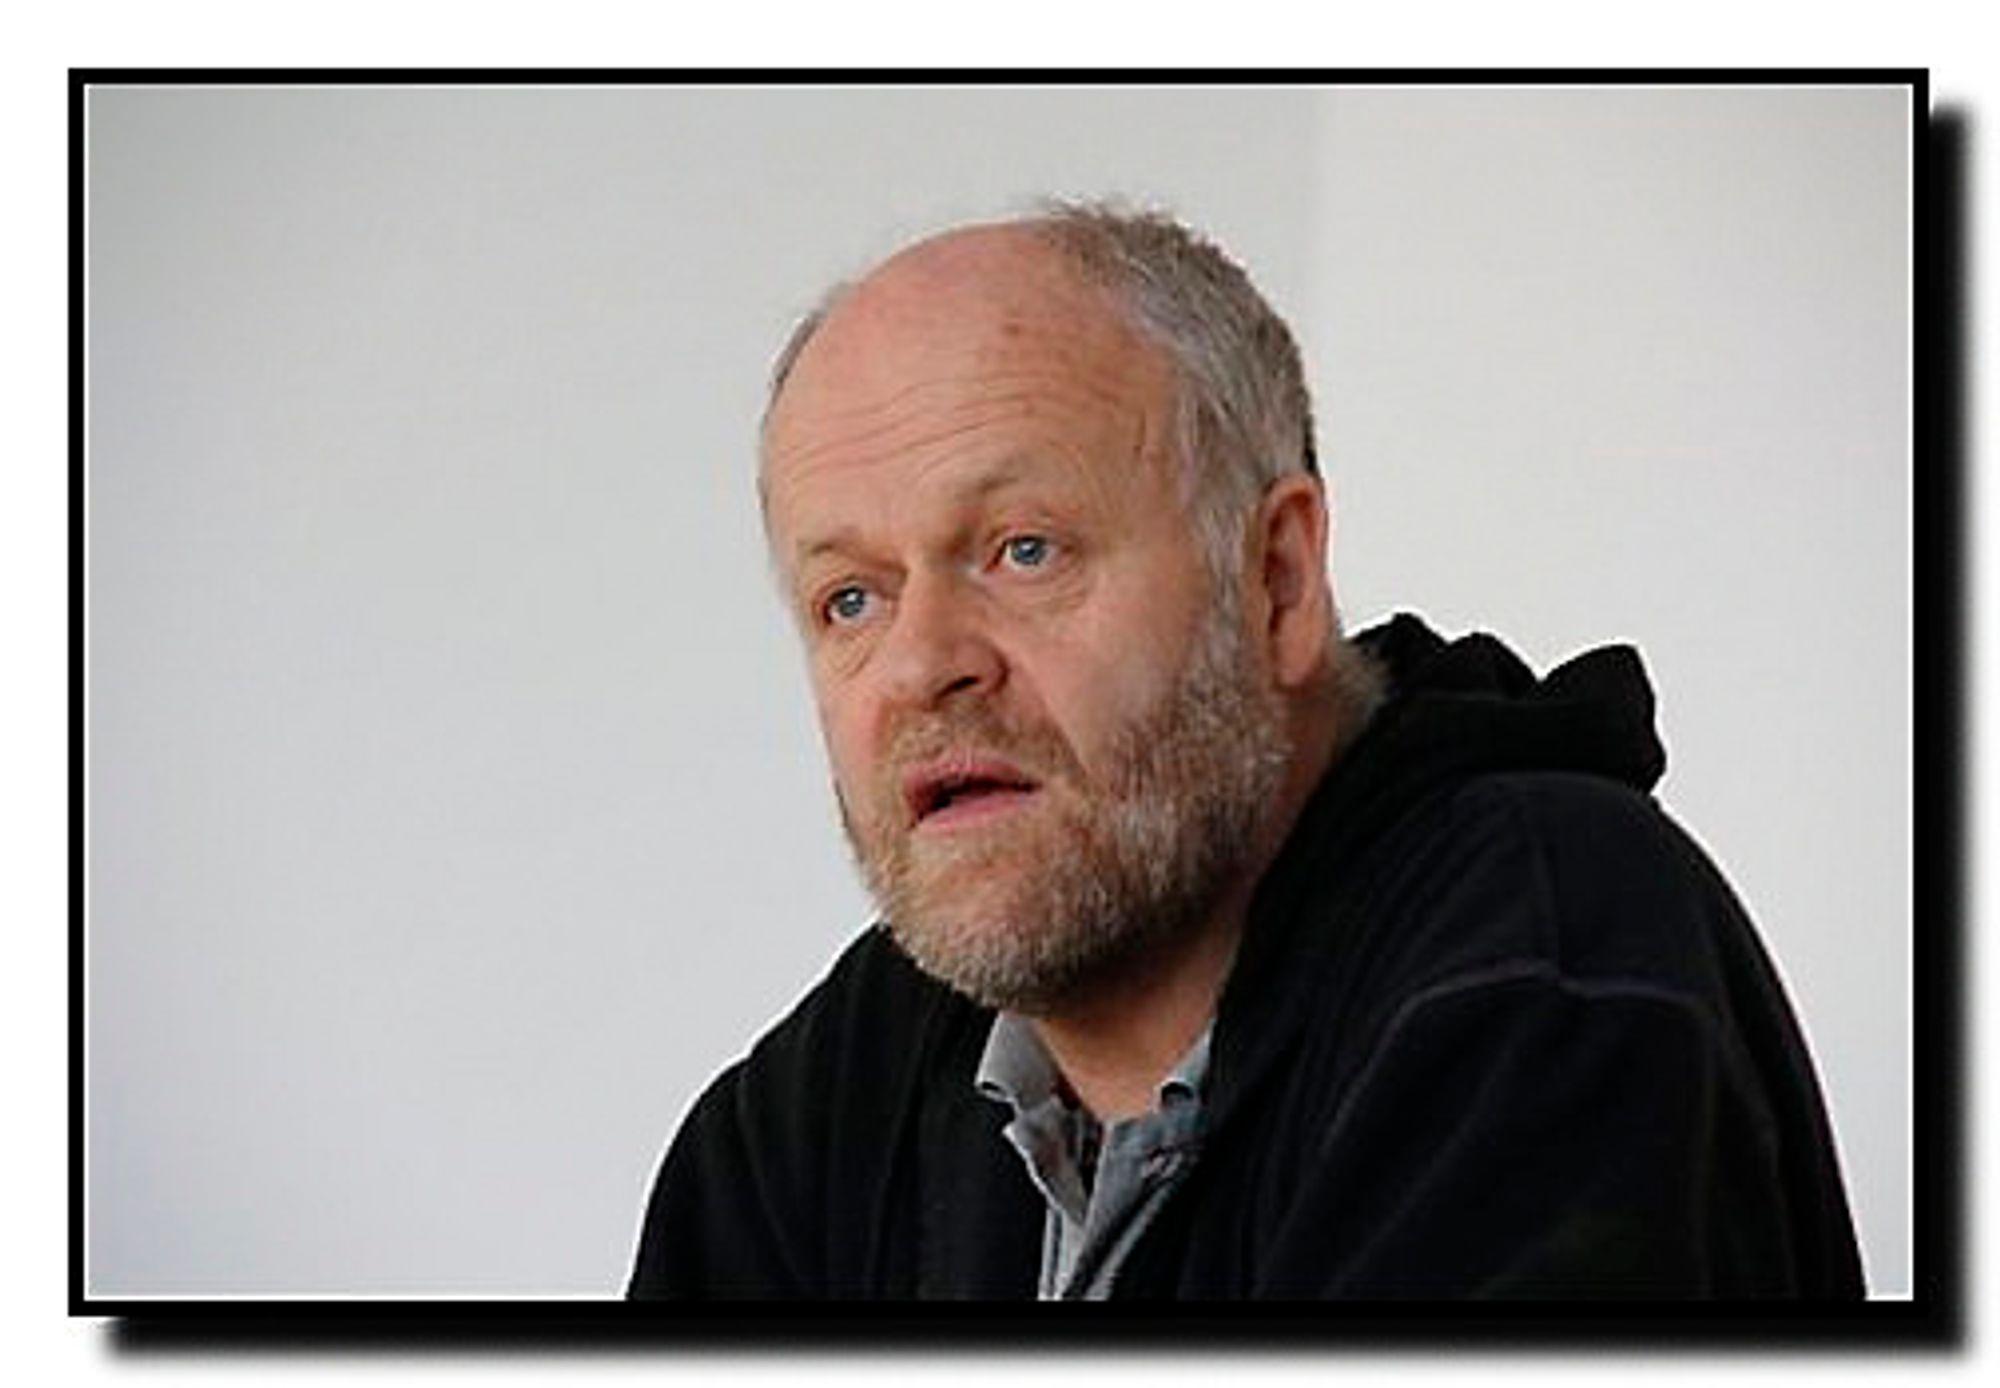 Per Gunnar Salomonsen, konserntillitsvalgt EL & IT-forbundet, Telenor.